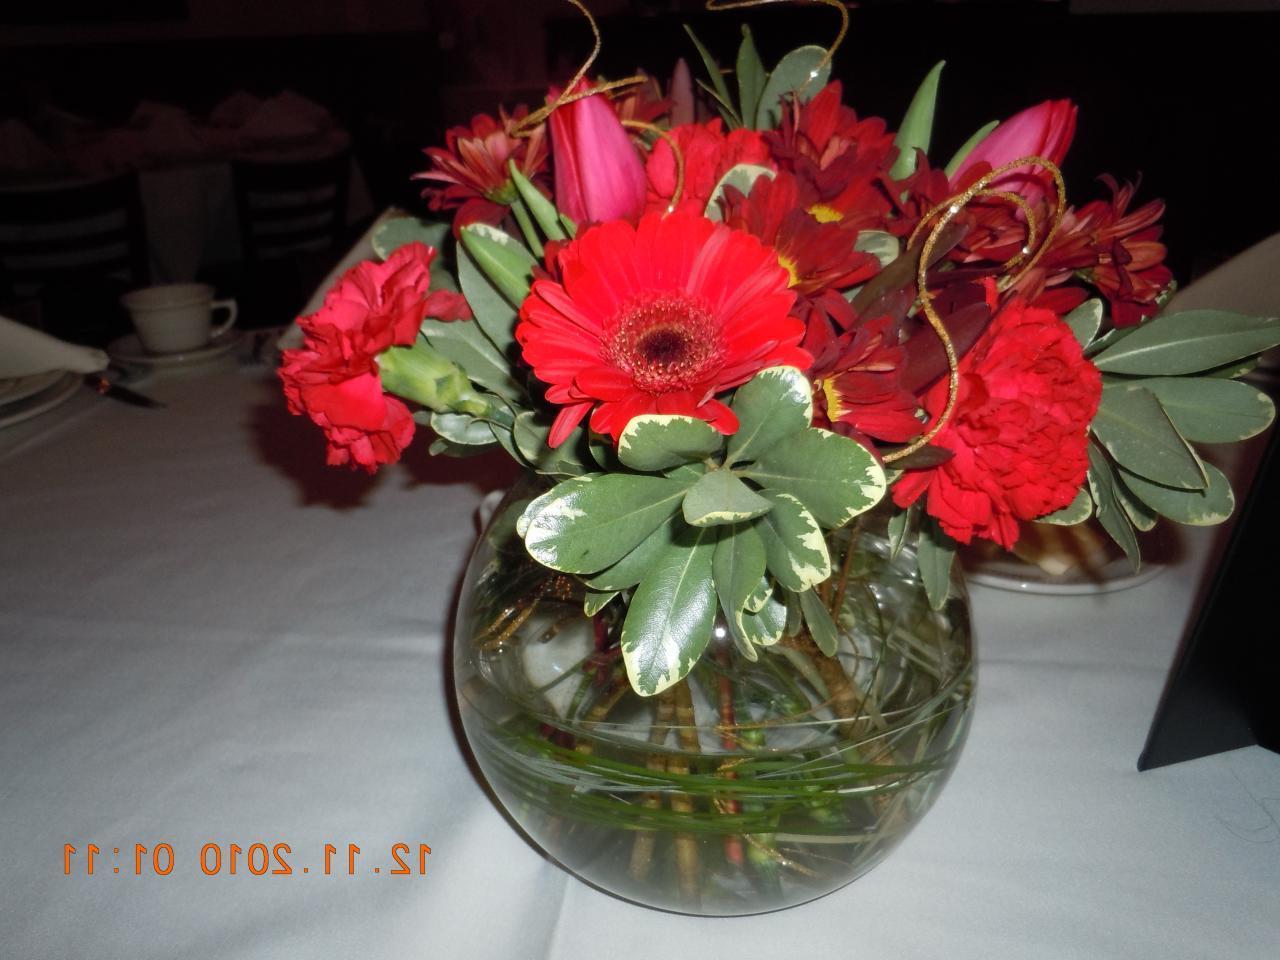 floral arrangements,